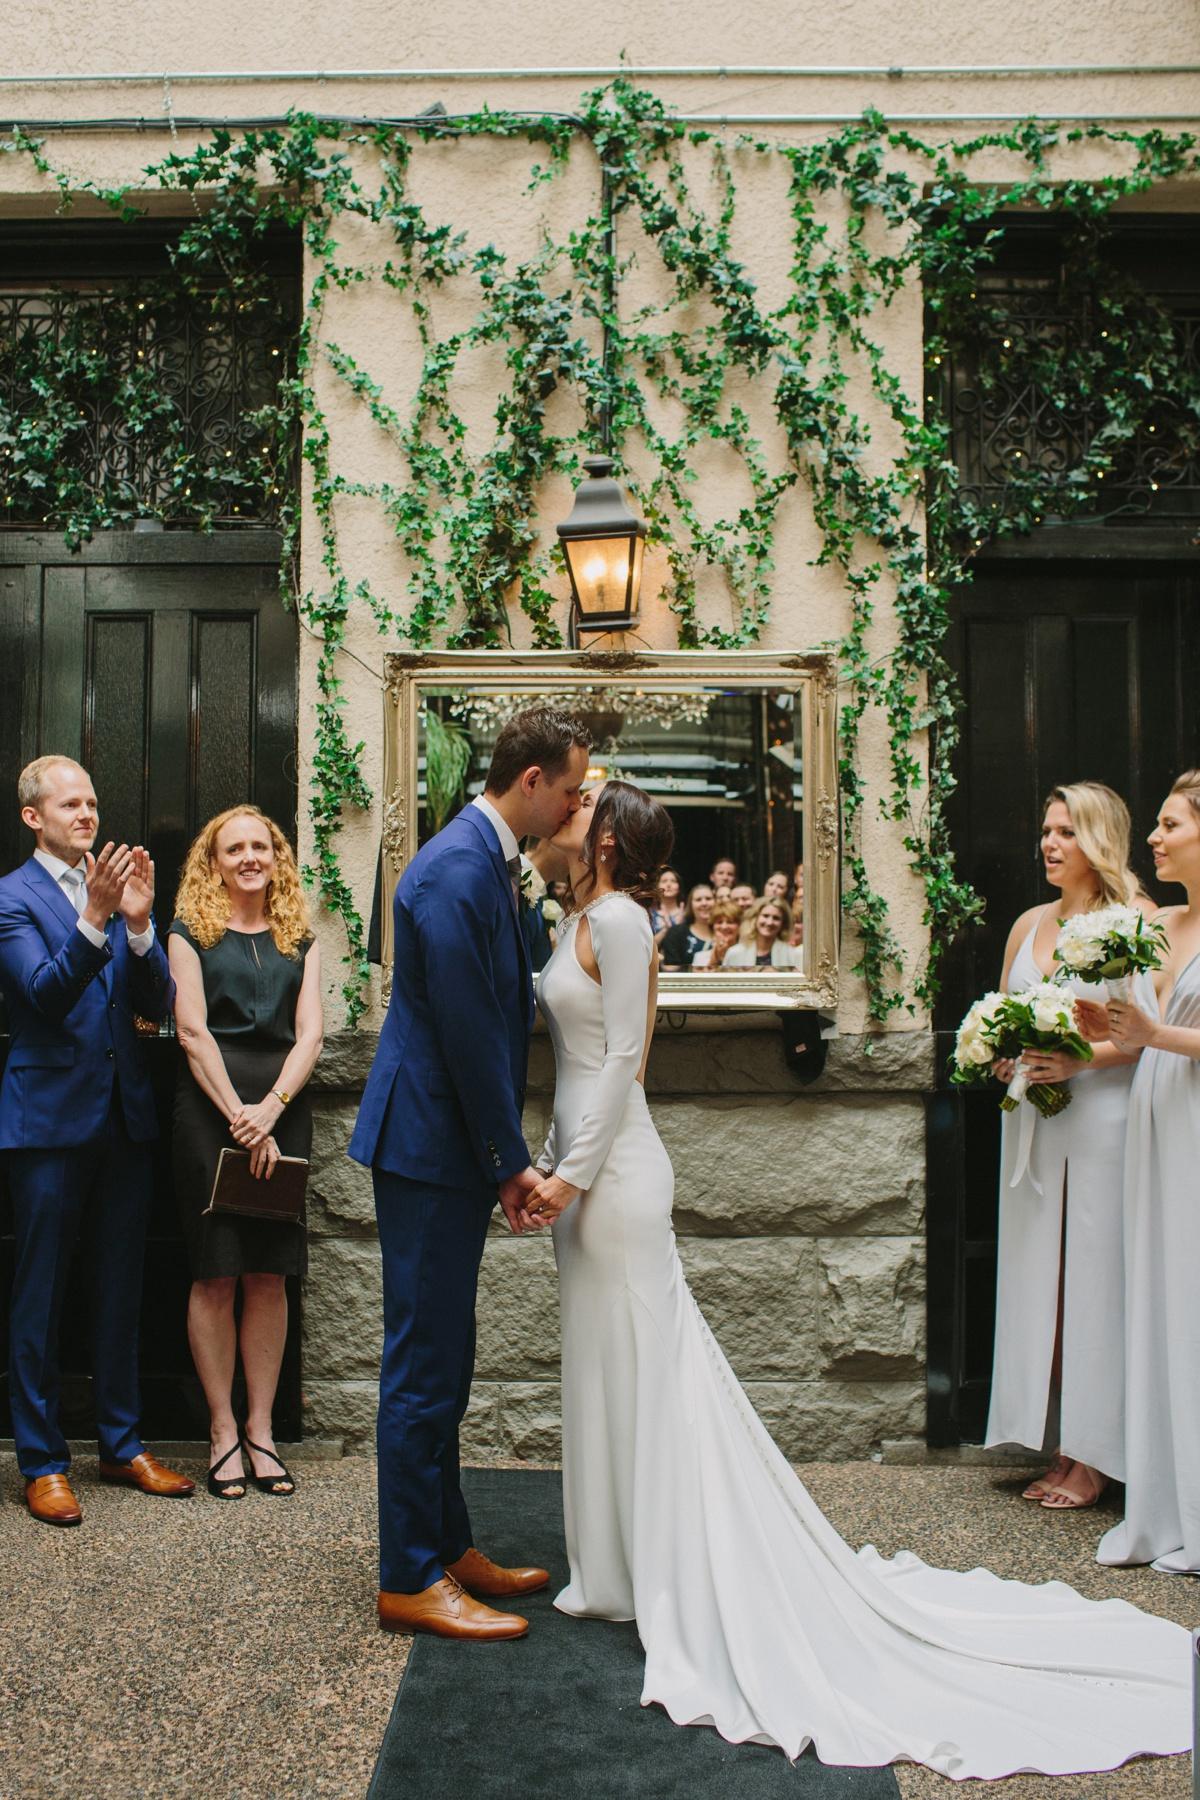 First kiss at Brix & Mortar wedding